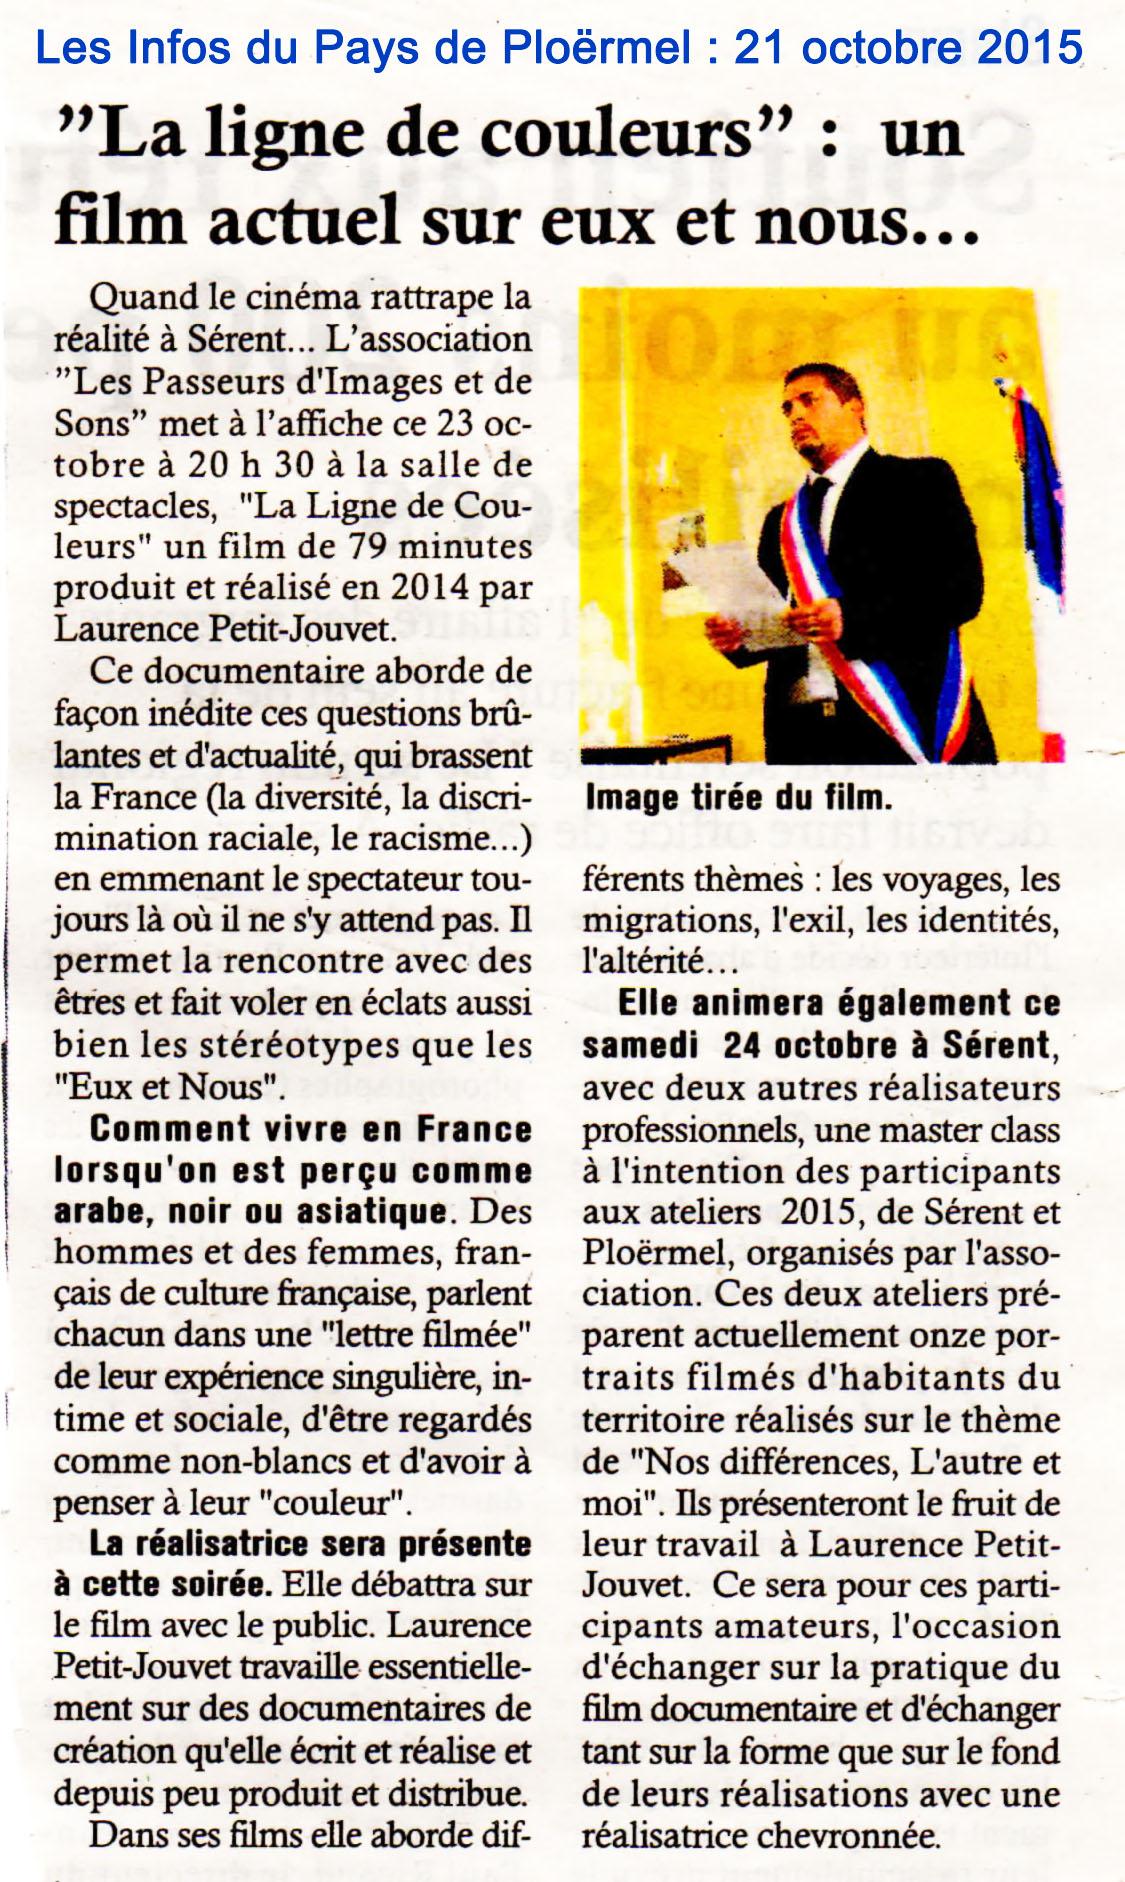 2015 10 21 La ligne de couleurs Les Infos.jpg